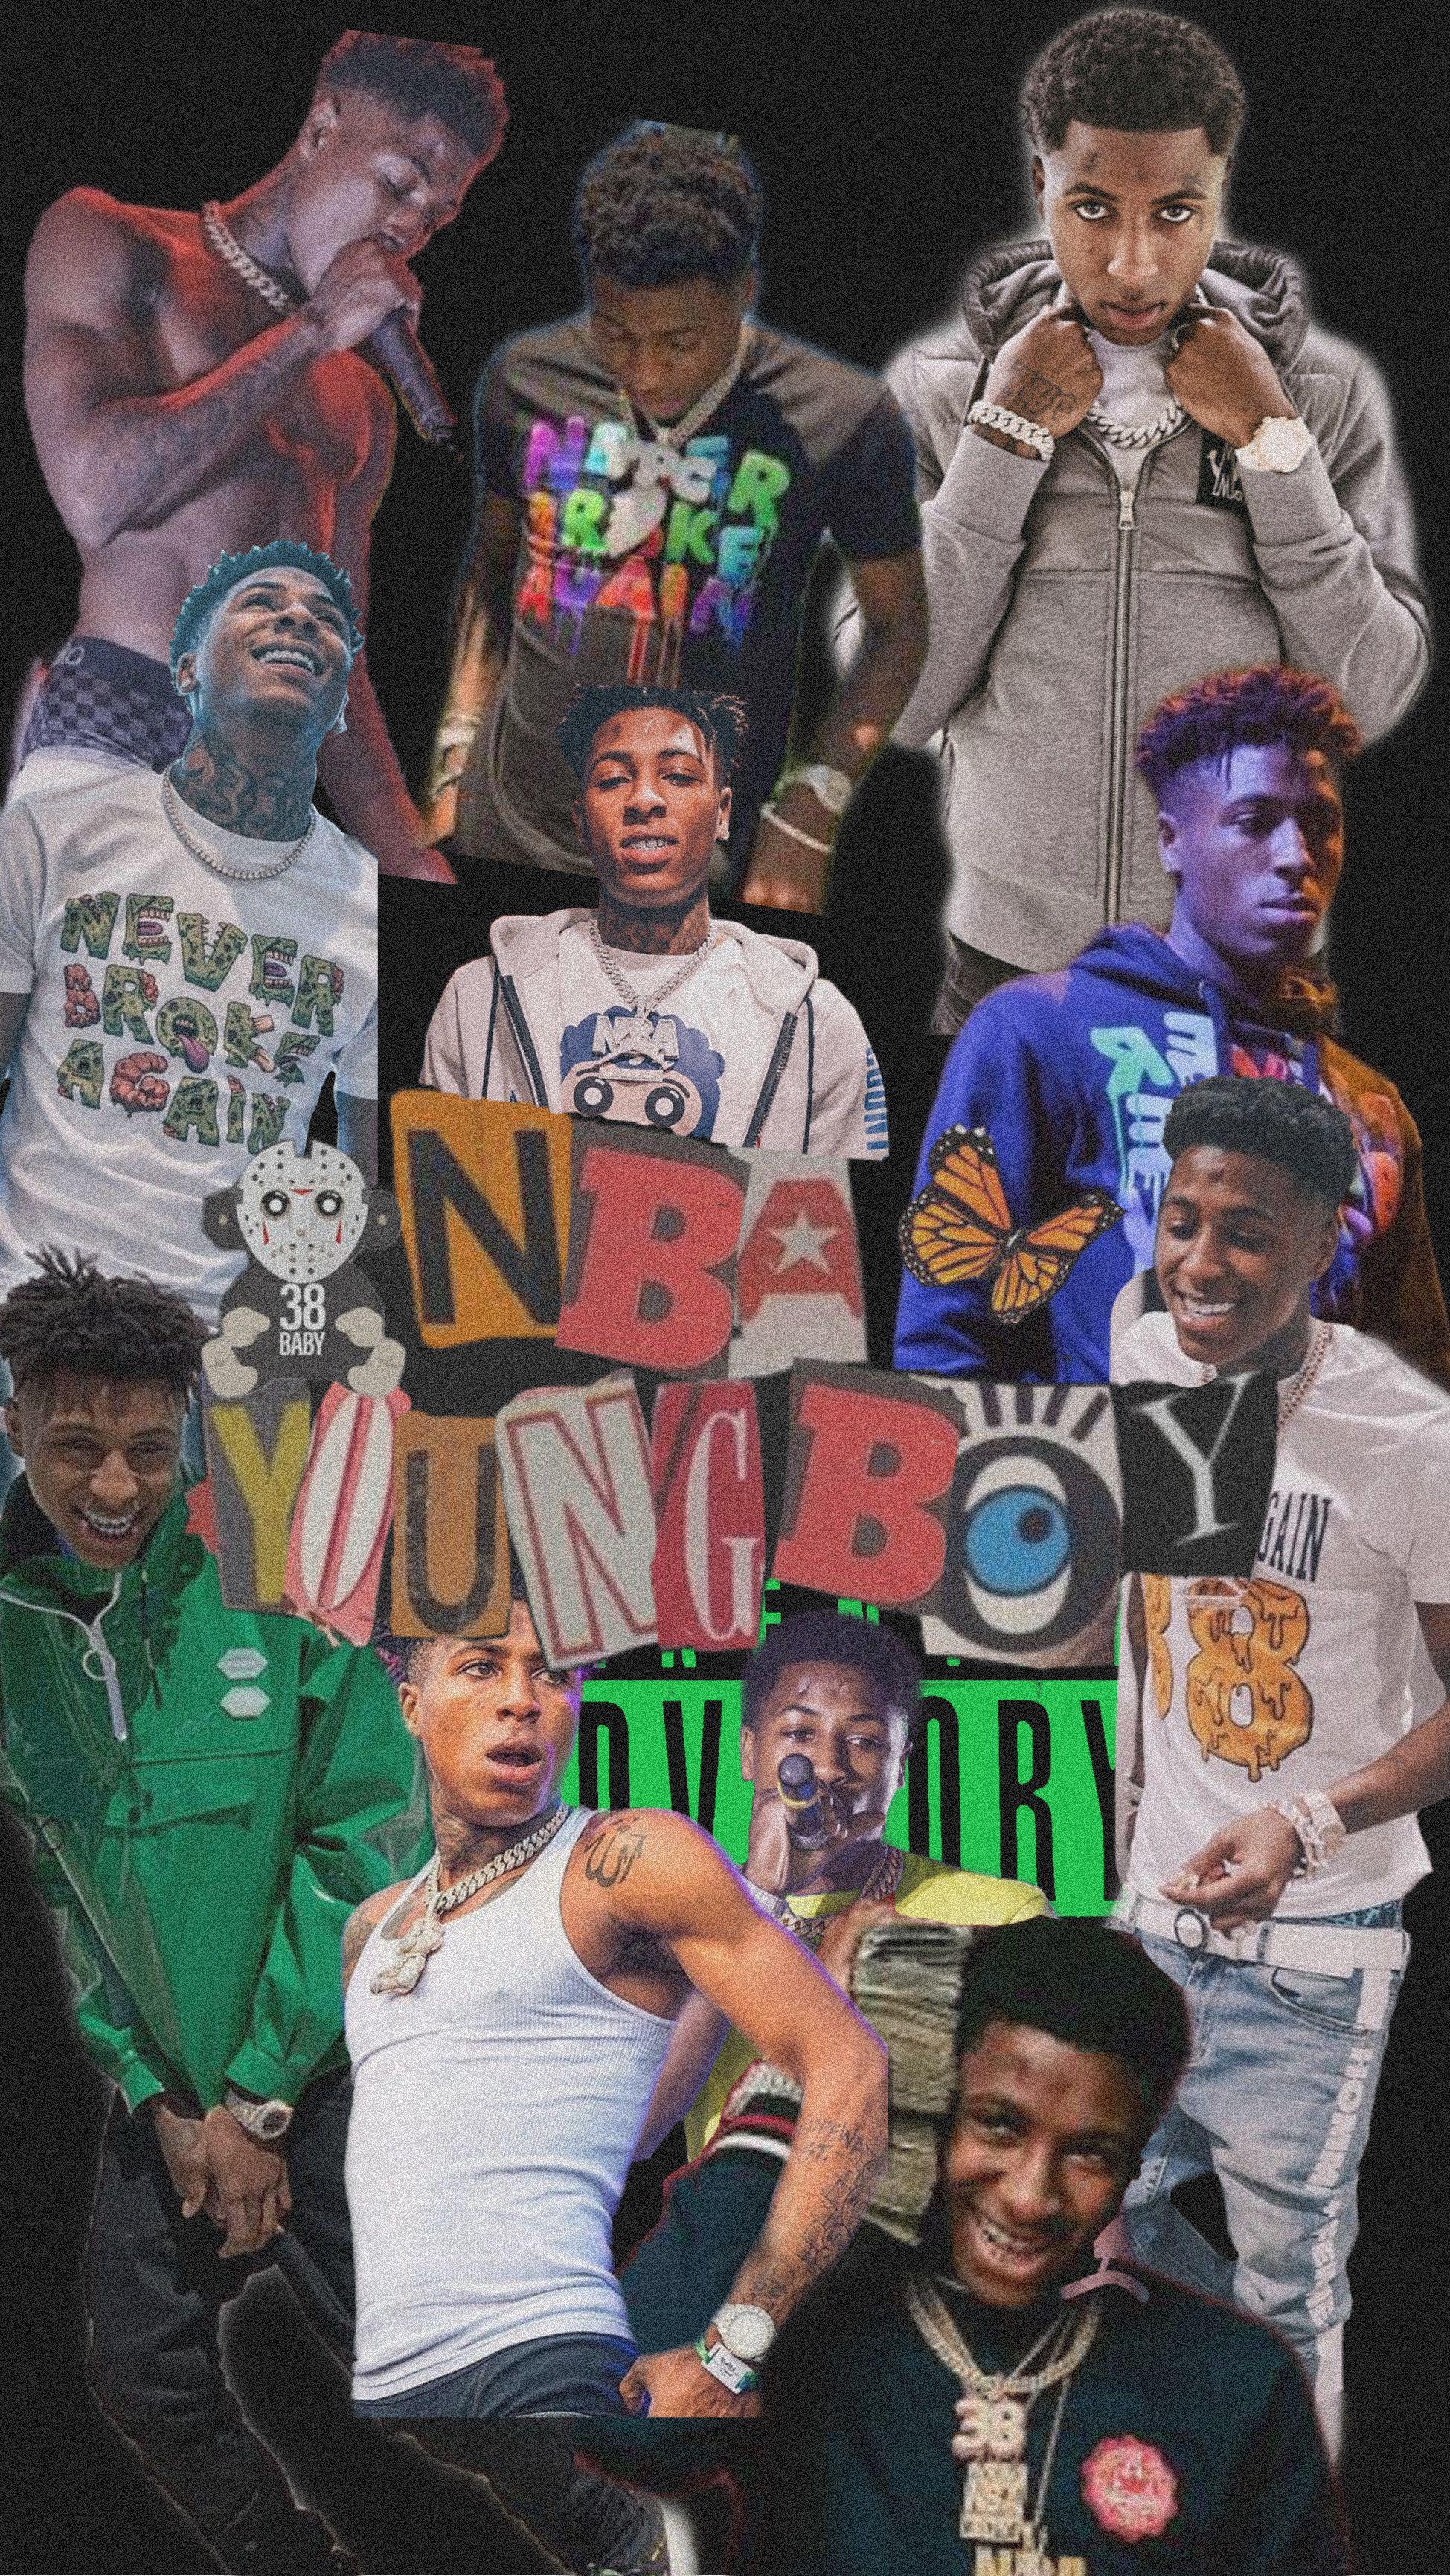 Nba Youngboy Rapper Wallpaper Iphone Badass Wallpaper Iphone Cartoon Wallpaper Iphone